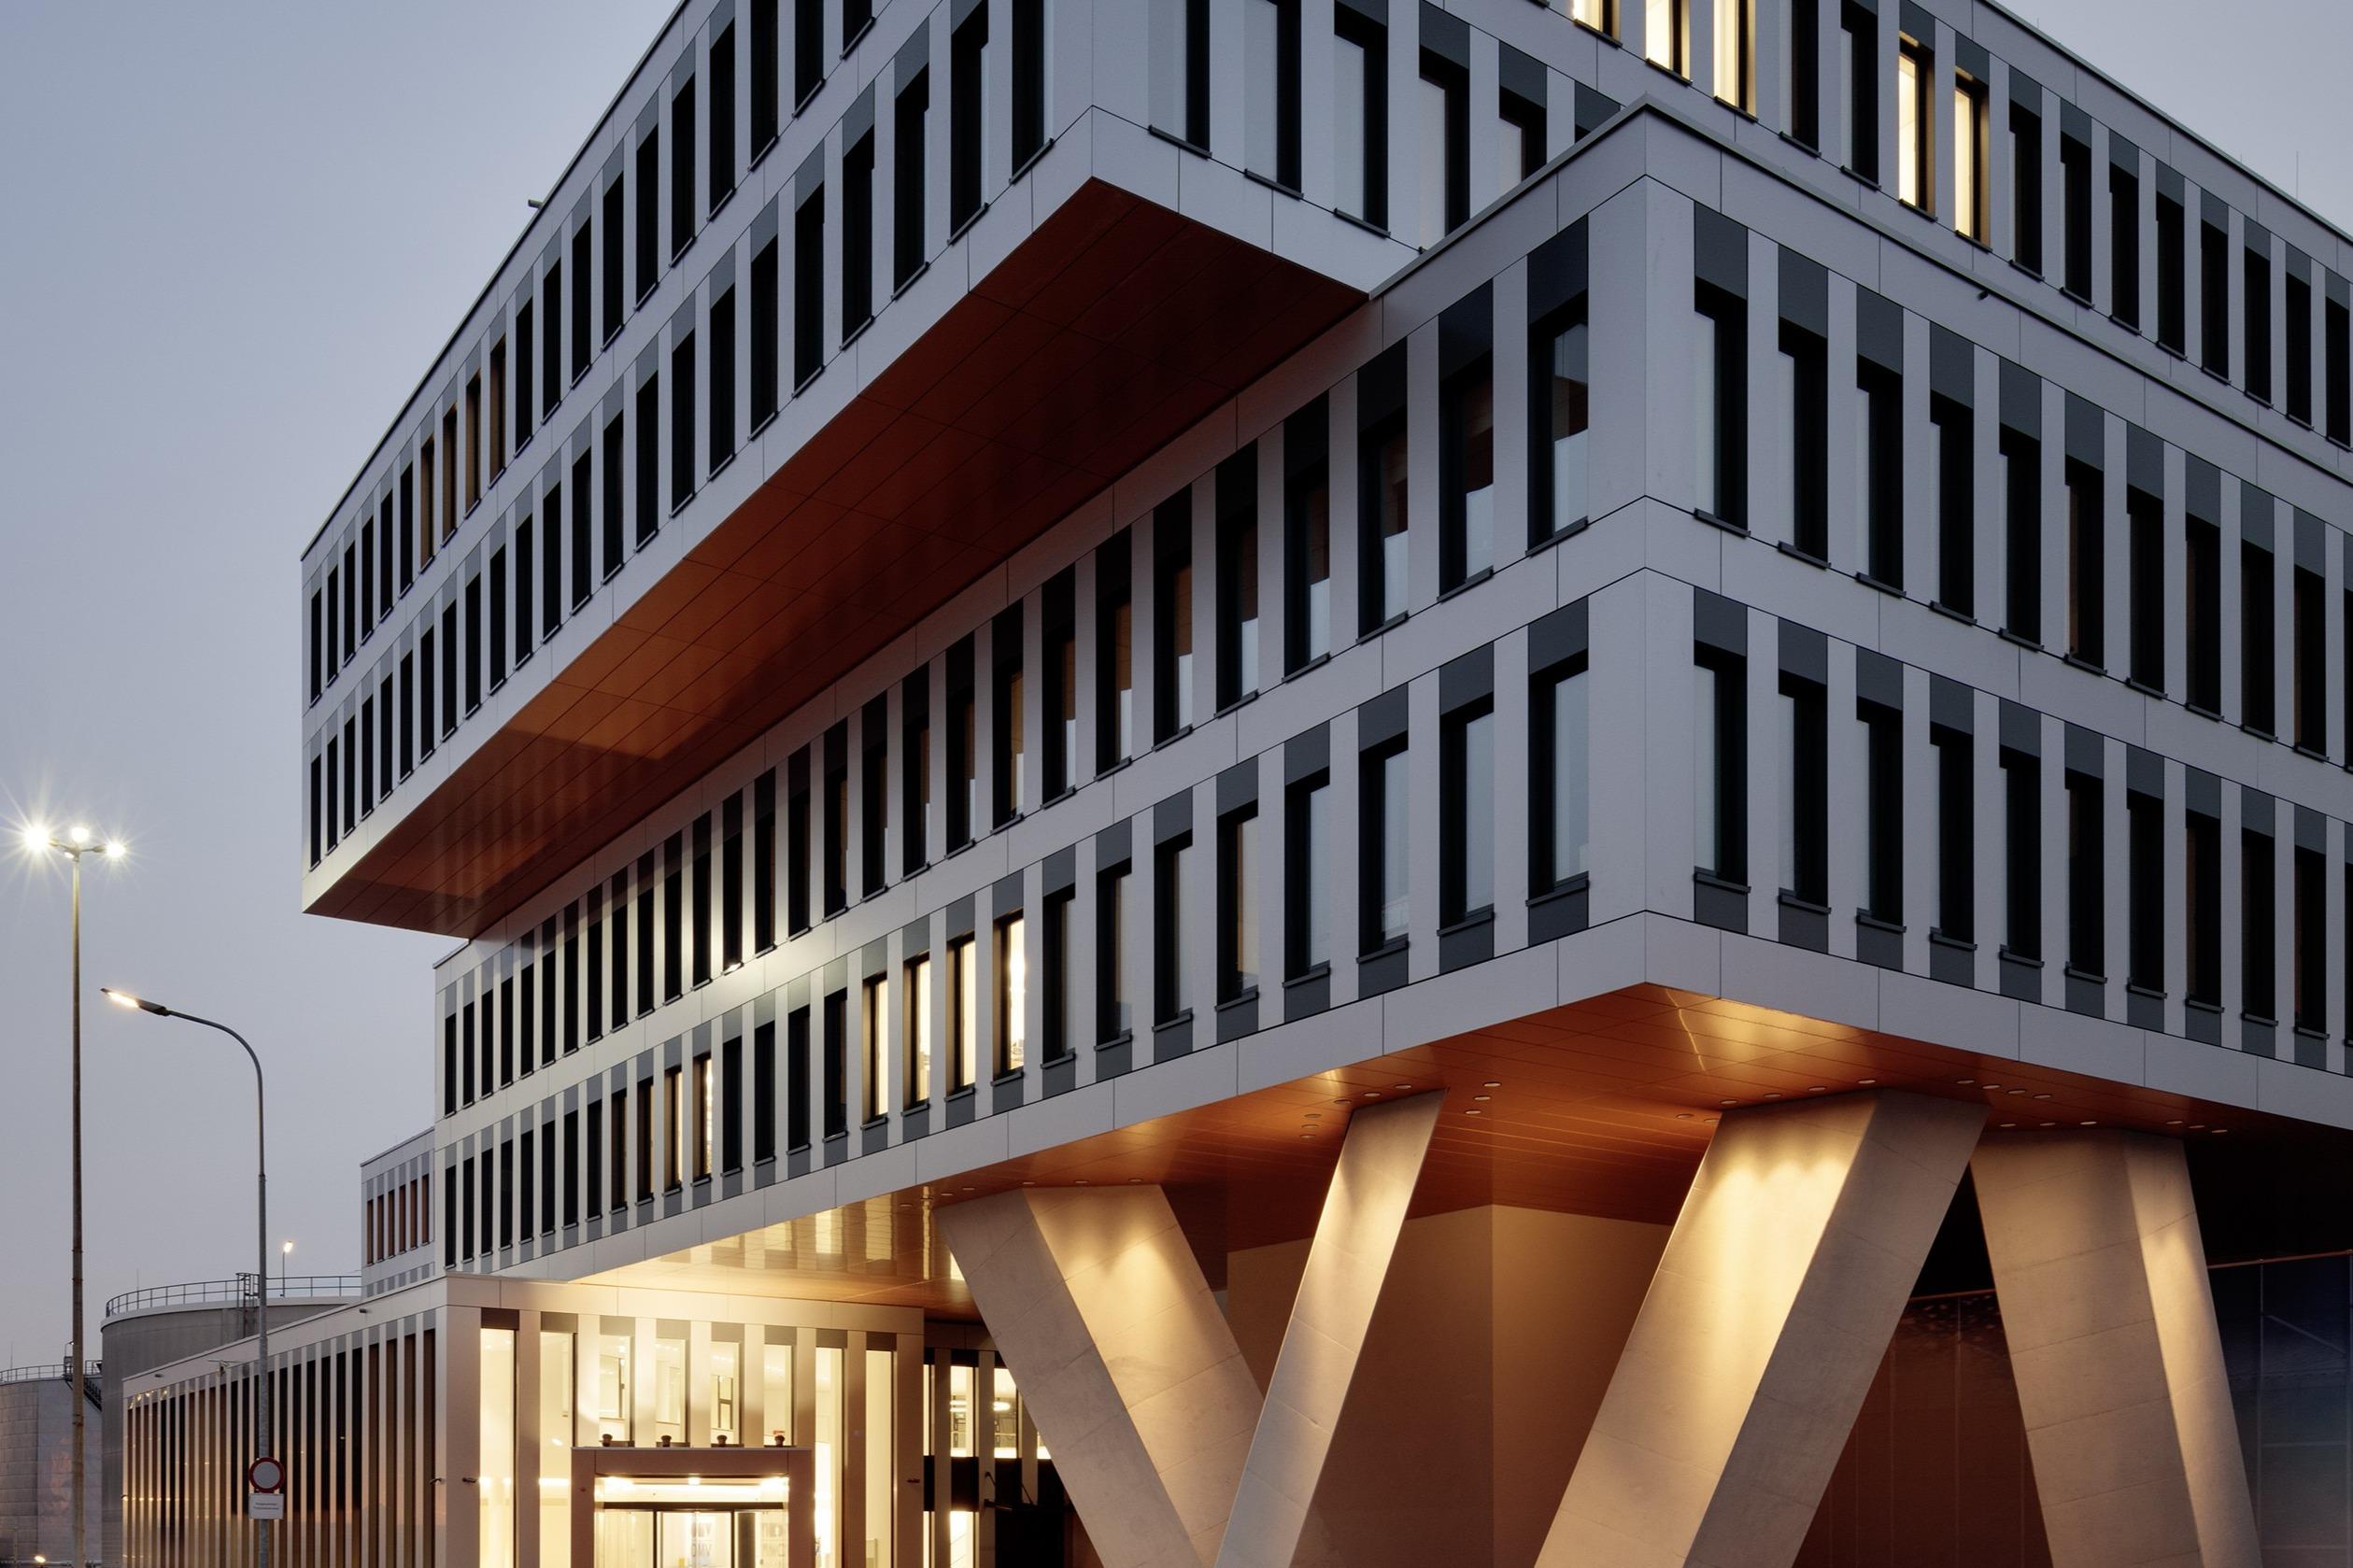 Pressefoto 'OMV Gebäude'<br><span class='image_copyright'>ATP/Kuball</span><br>